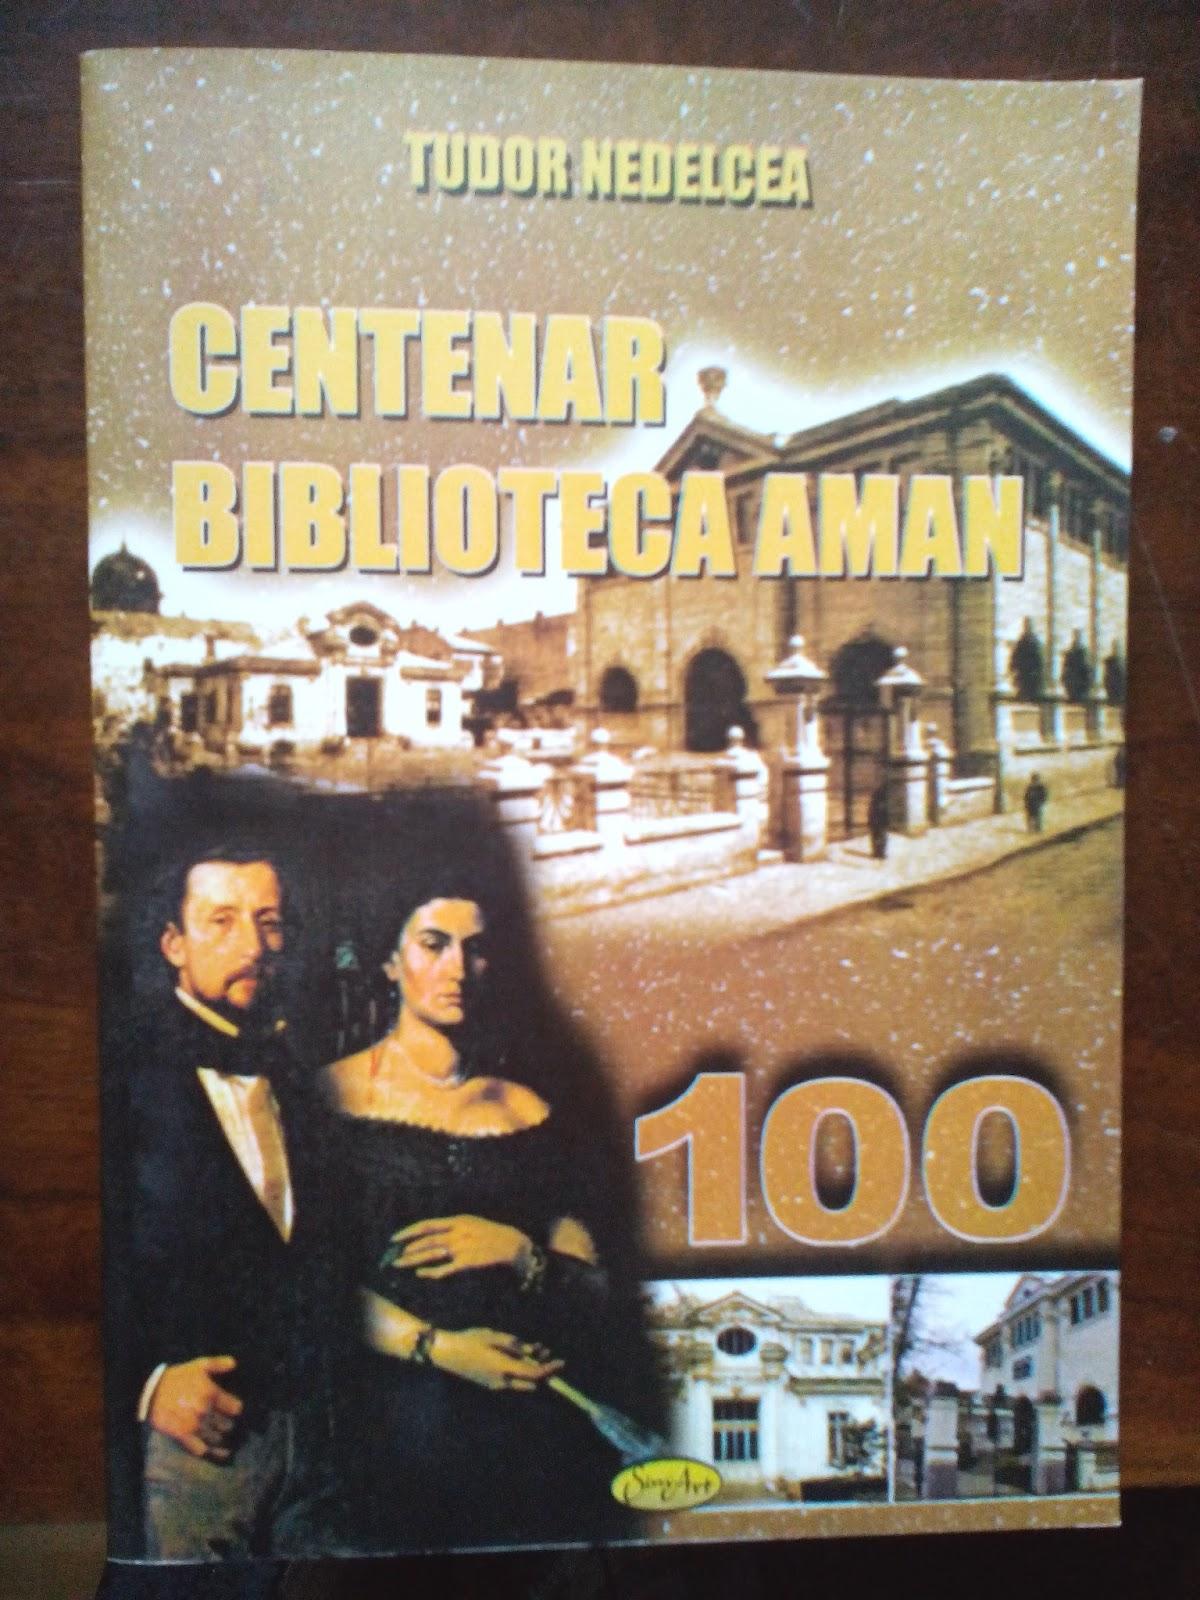 Tudor Nedelcea - Centenar Biblioteca Aman